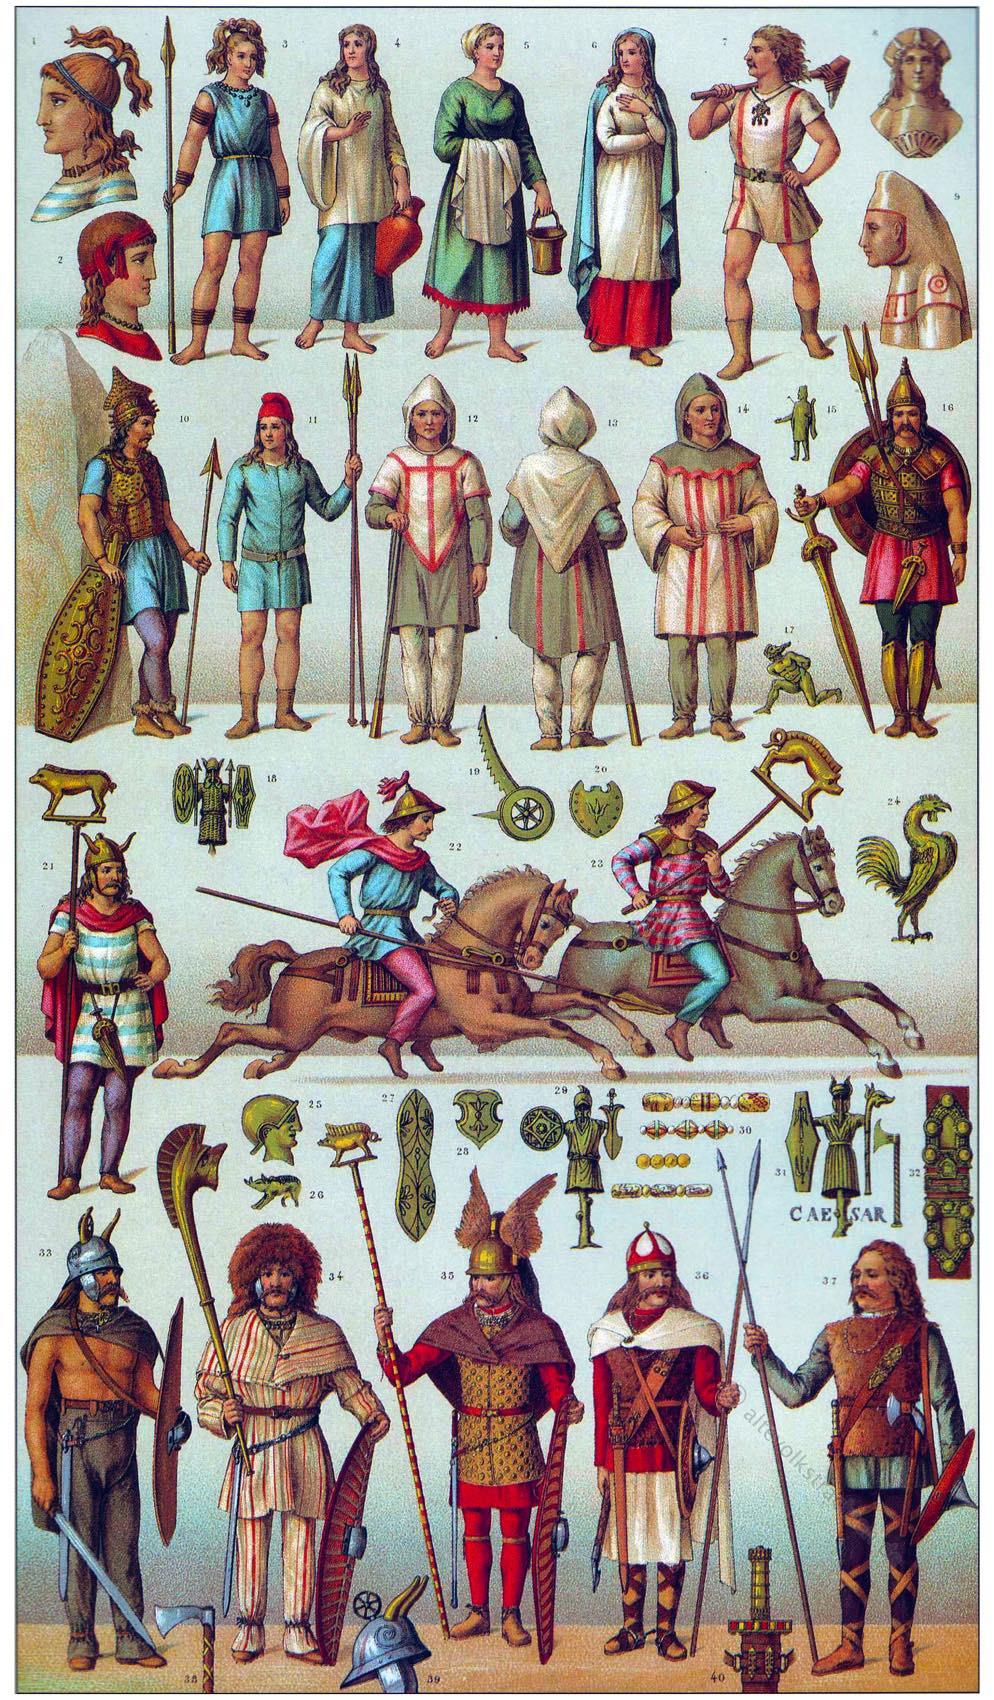 Gallier, Gallien, Antike, Kostüm, Bekleidung, Salier, Franken, Auguste Racinet